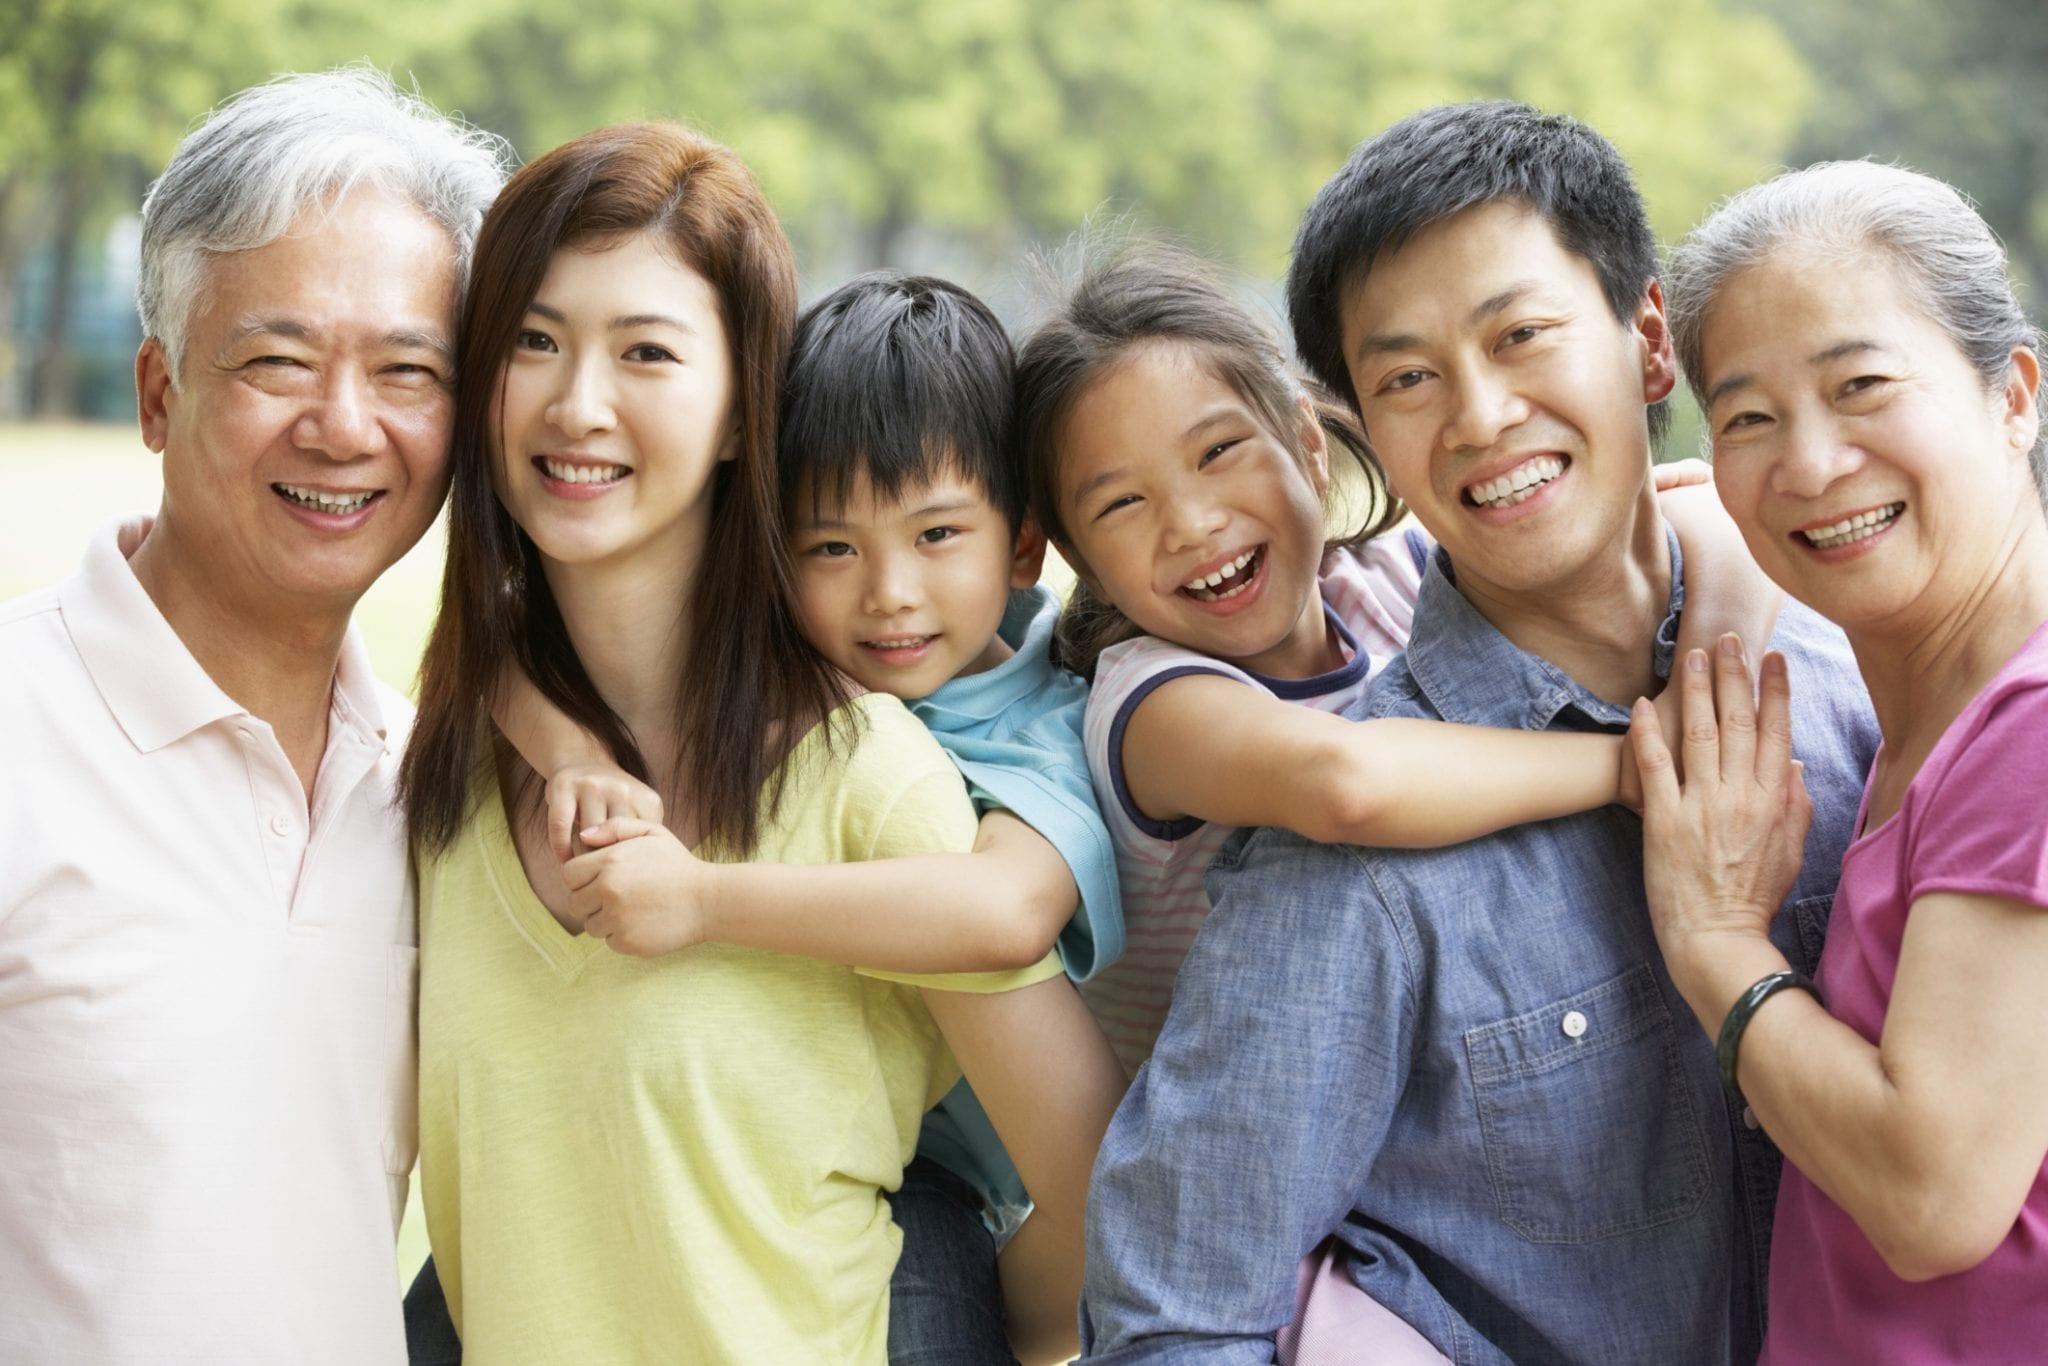 Karantina Bikin Keluarga Makin Dekat, Ungkap Riset